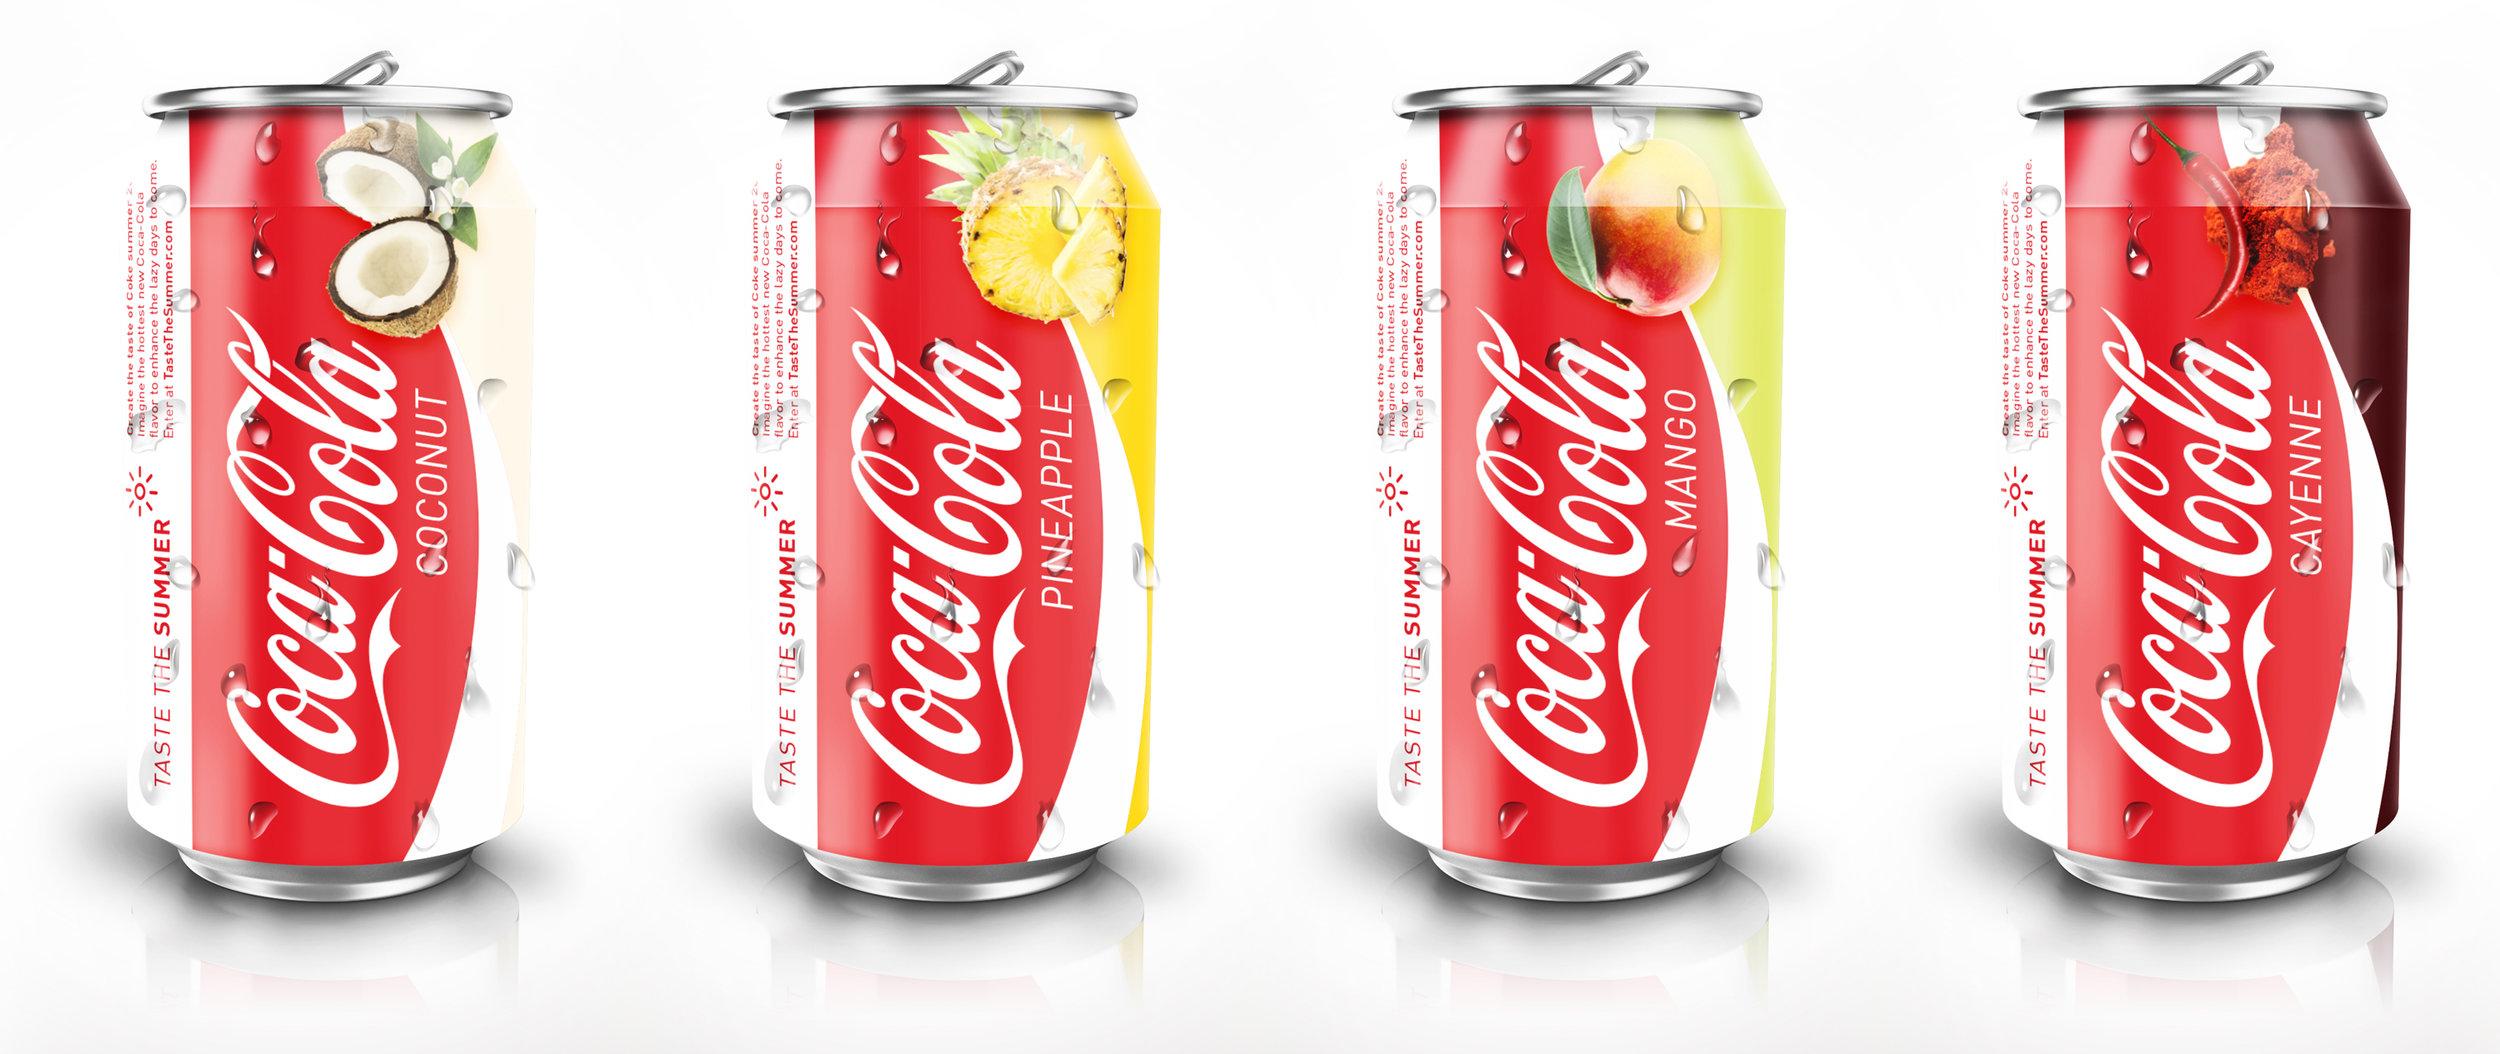 CC-cans-flavors.jpg